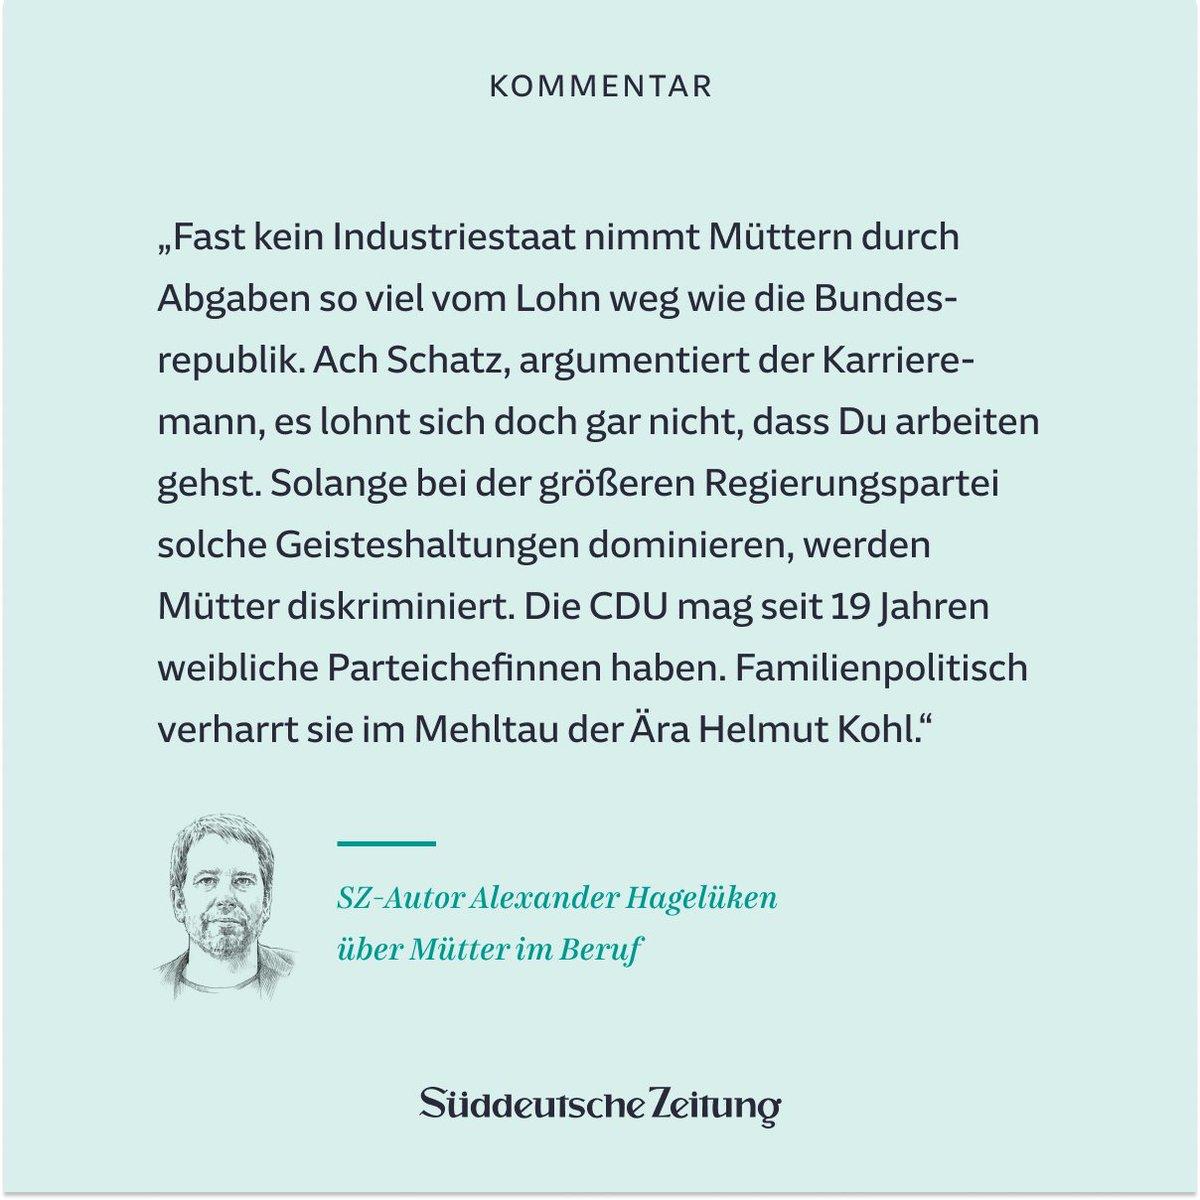 Suddeutsche Zeitung On Twitter Lesen Sie Hier Den Vollstandigen Kommentar Https T Co Xctscdmos